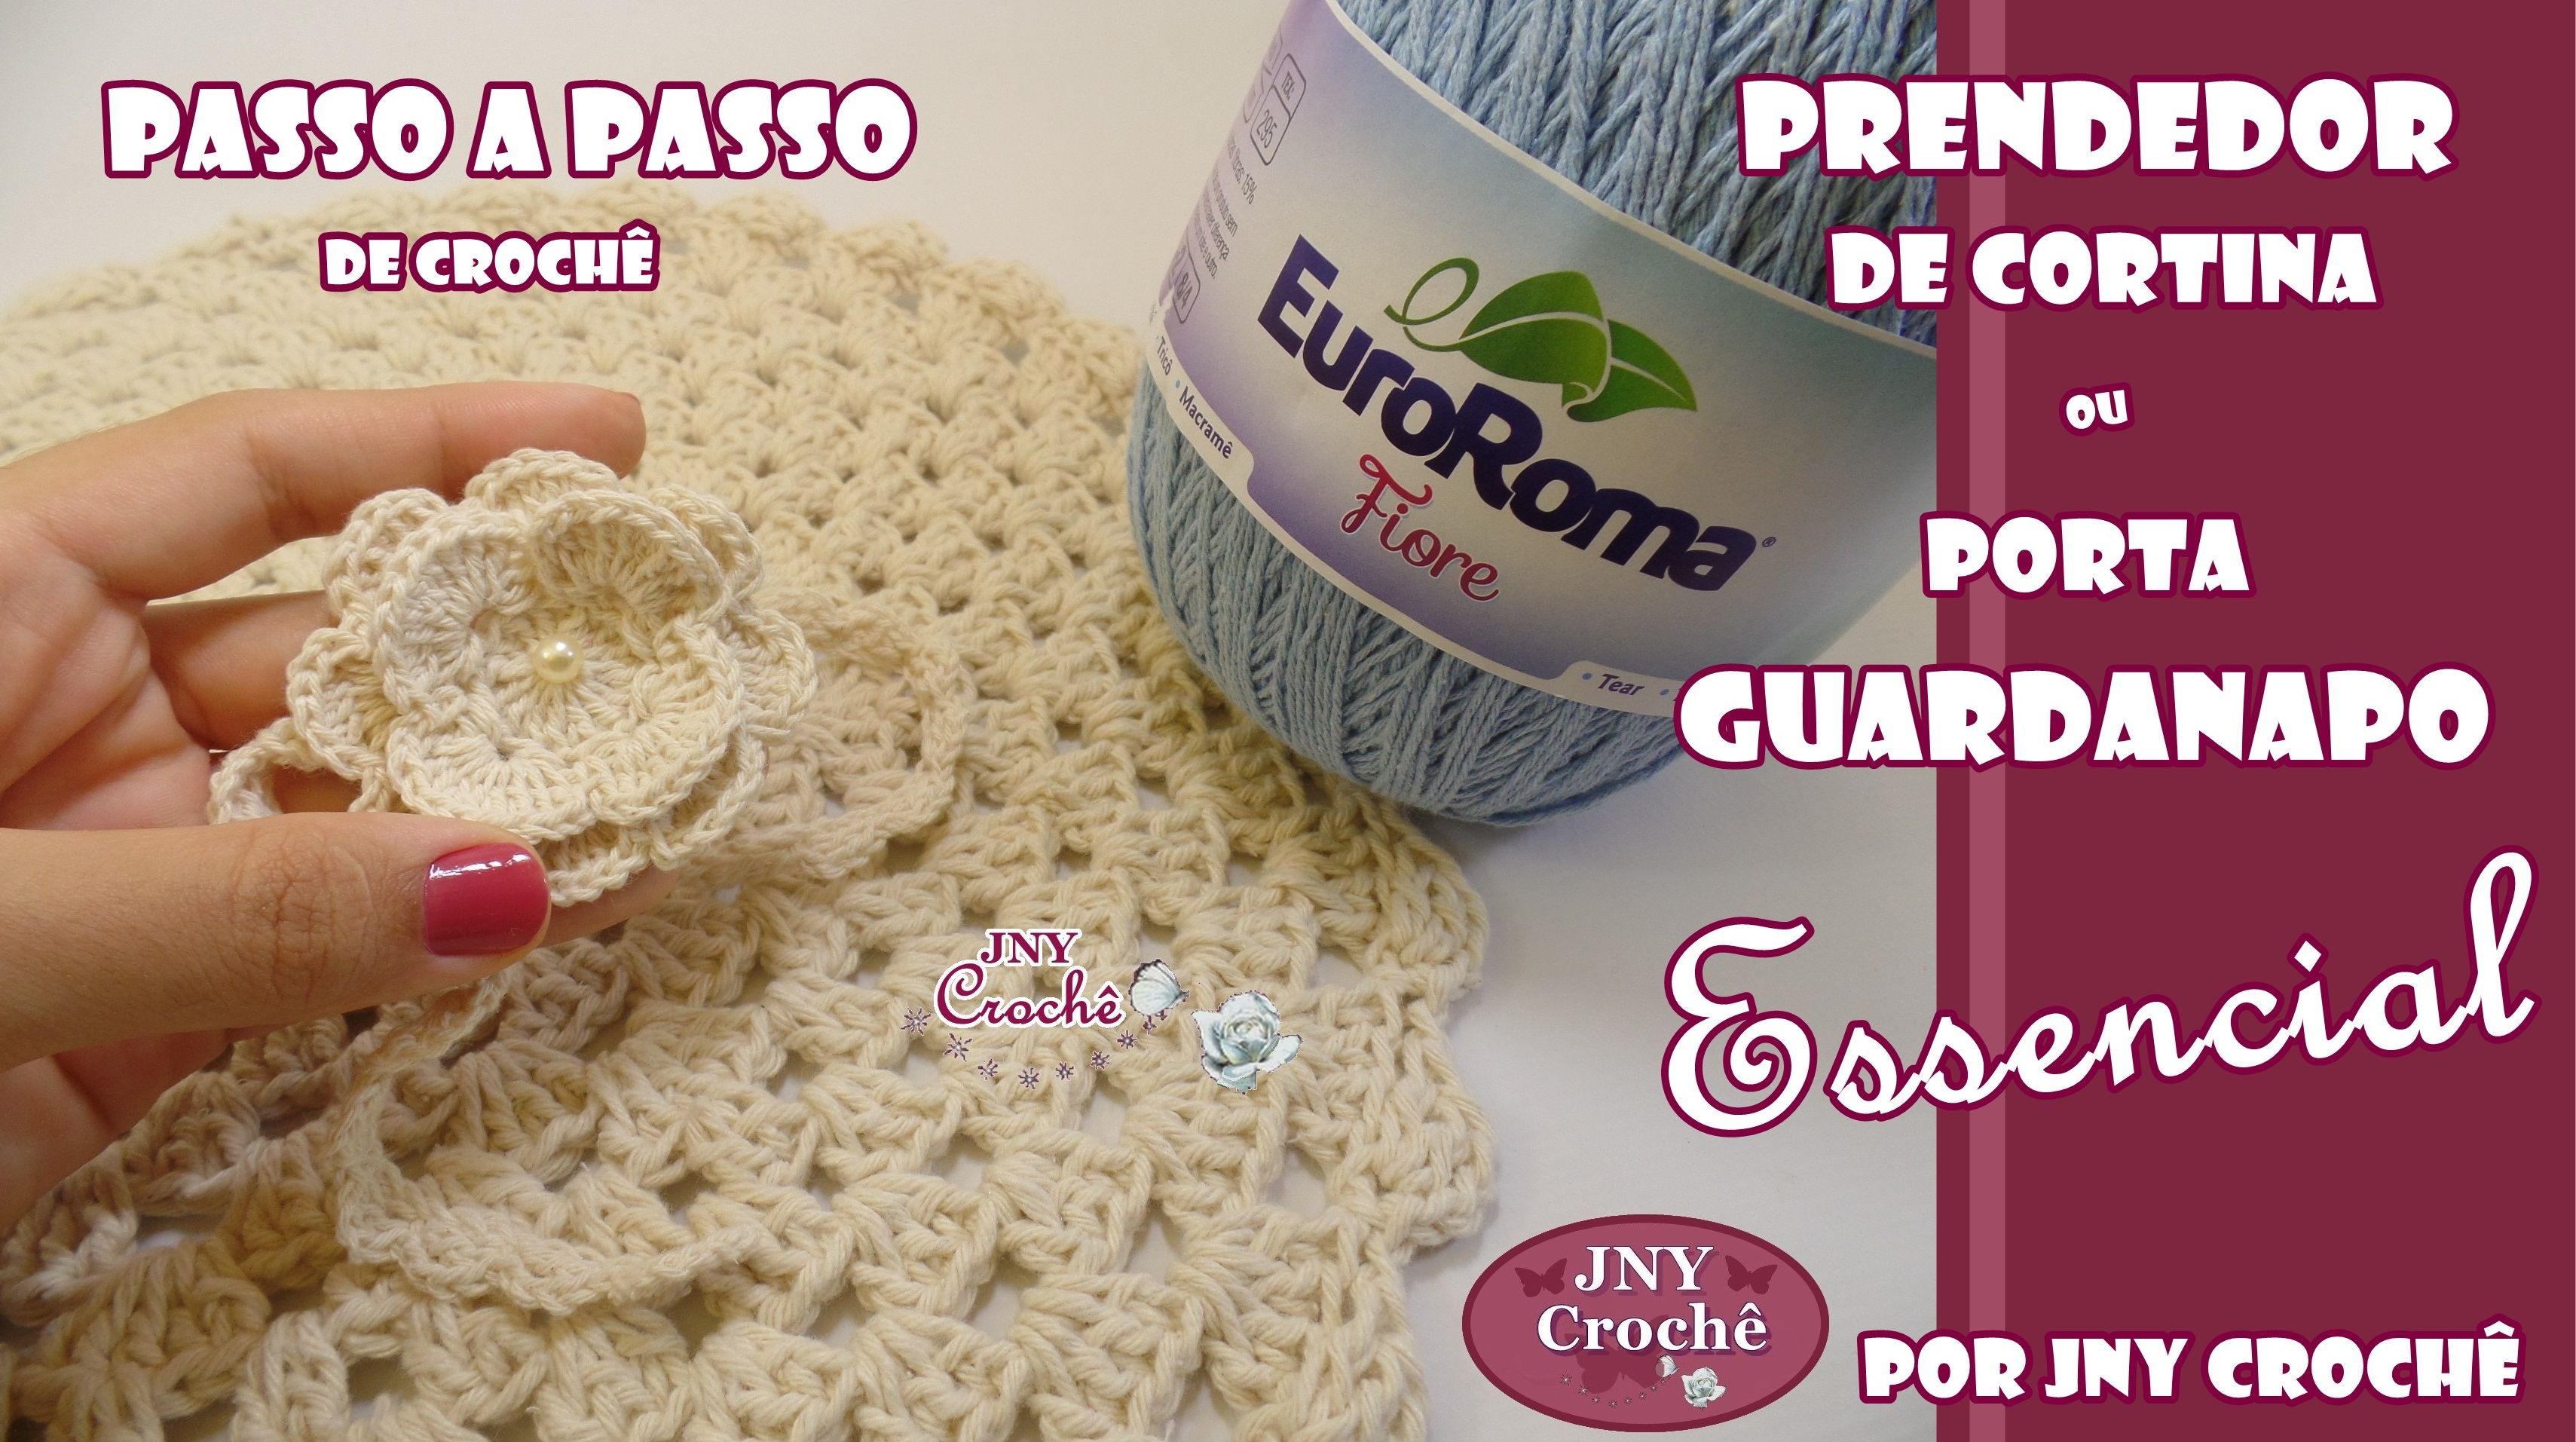 PAP Porta guardanapo Essencial > https://www.youtube.com/watch?v=iqsNq4ustx4 Feito com a Flor Rosa, uma linda flor de crochê! Assista a aula e aprenda conosco!